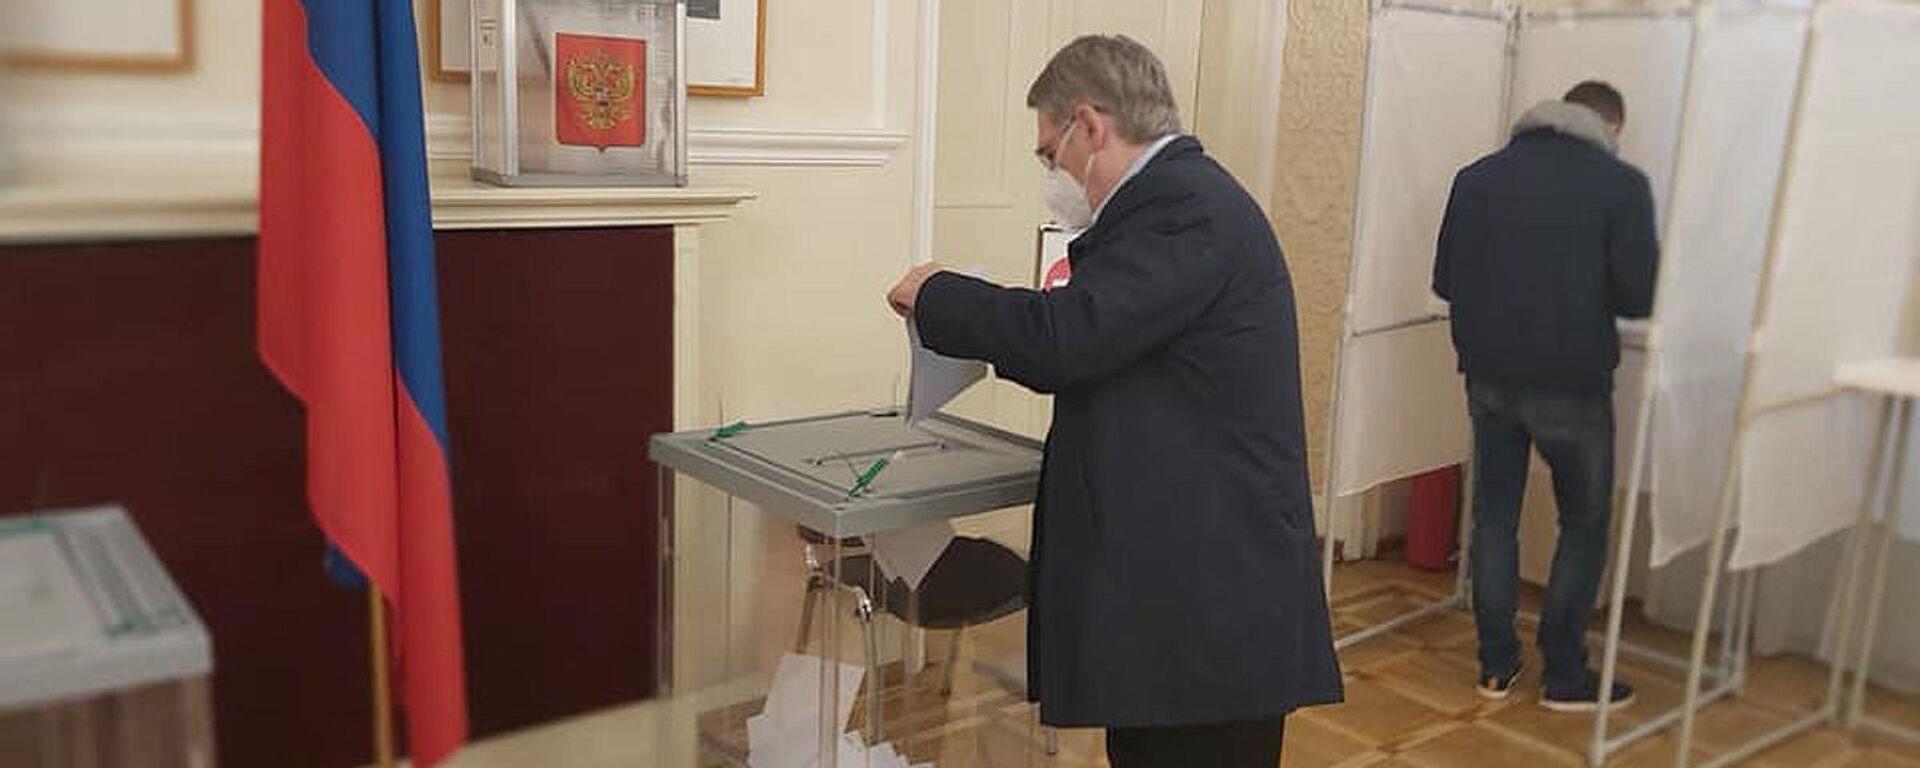 Ruský velvyslanec v Česku Zmejevskij hlasuje ve volební místnosti v Praze - Sputnik Česká republika, 1920, 19.09.2021